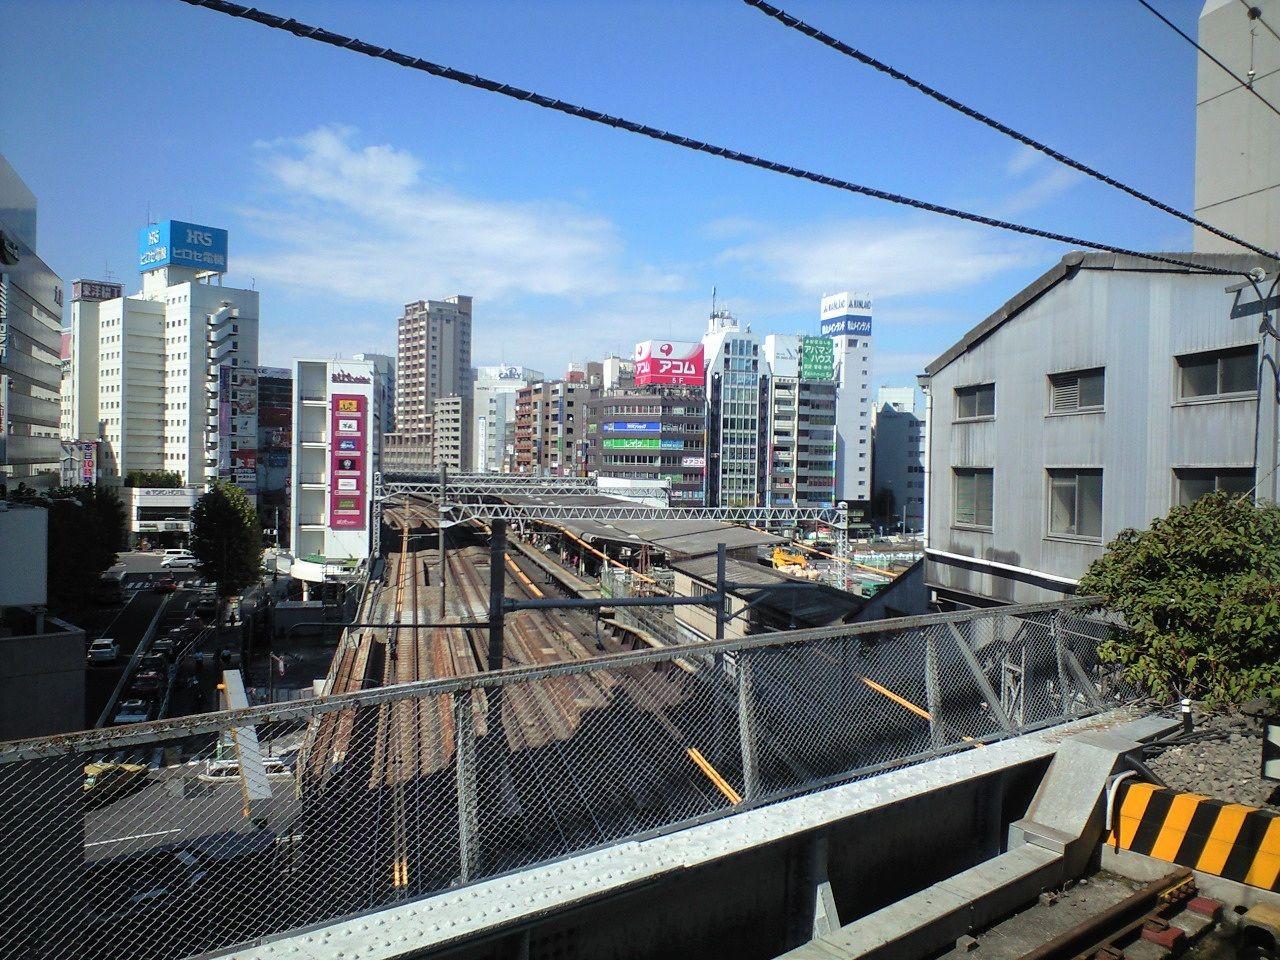 http://livedoor.blogimg.jp/densuki7/imgs/3/d/3d7bfe50.jpg